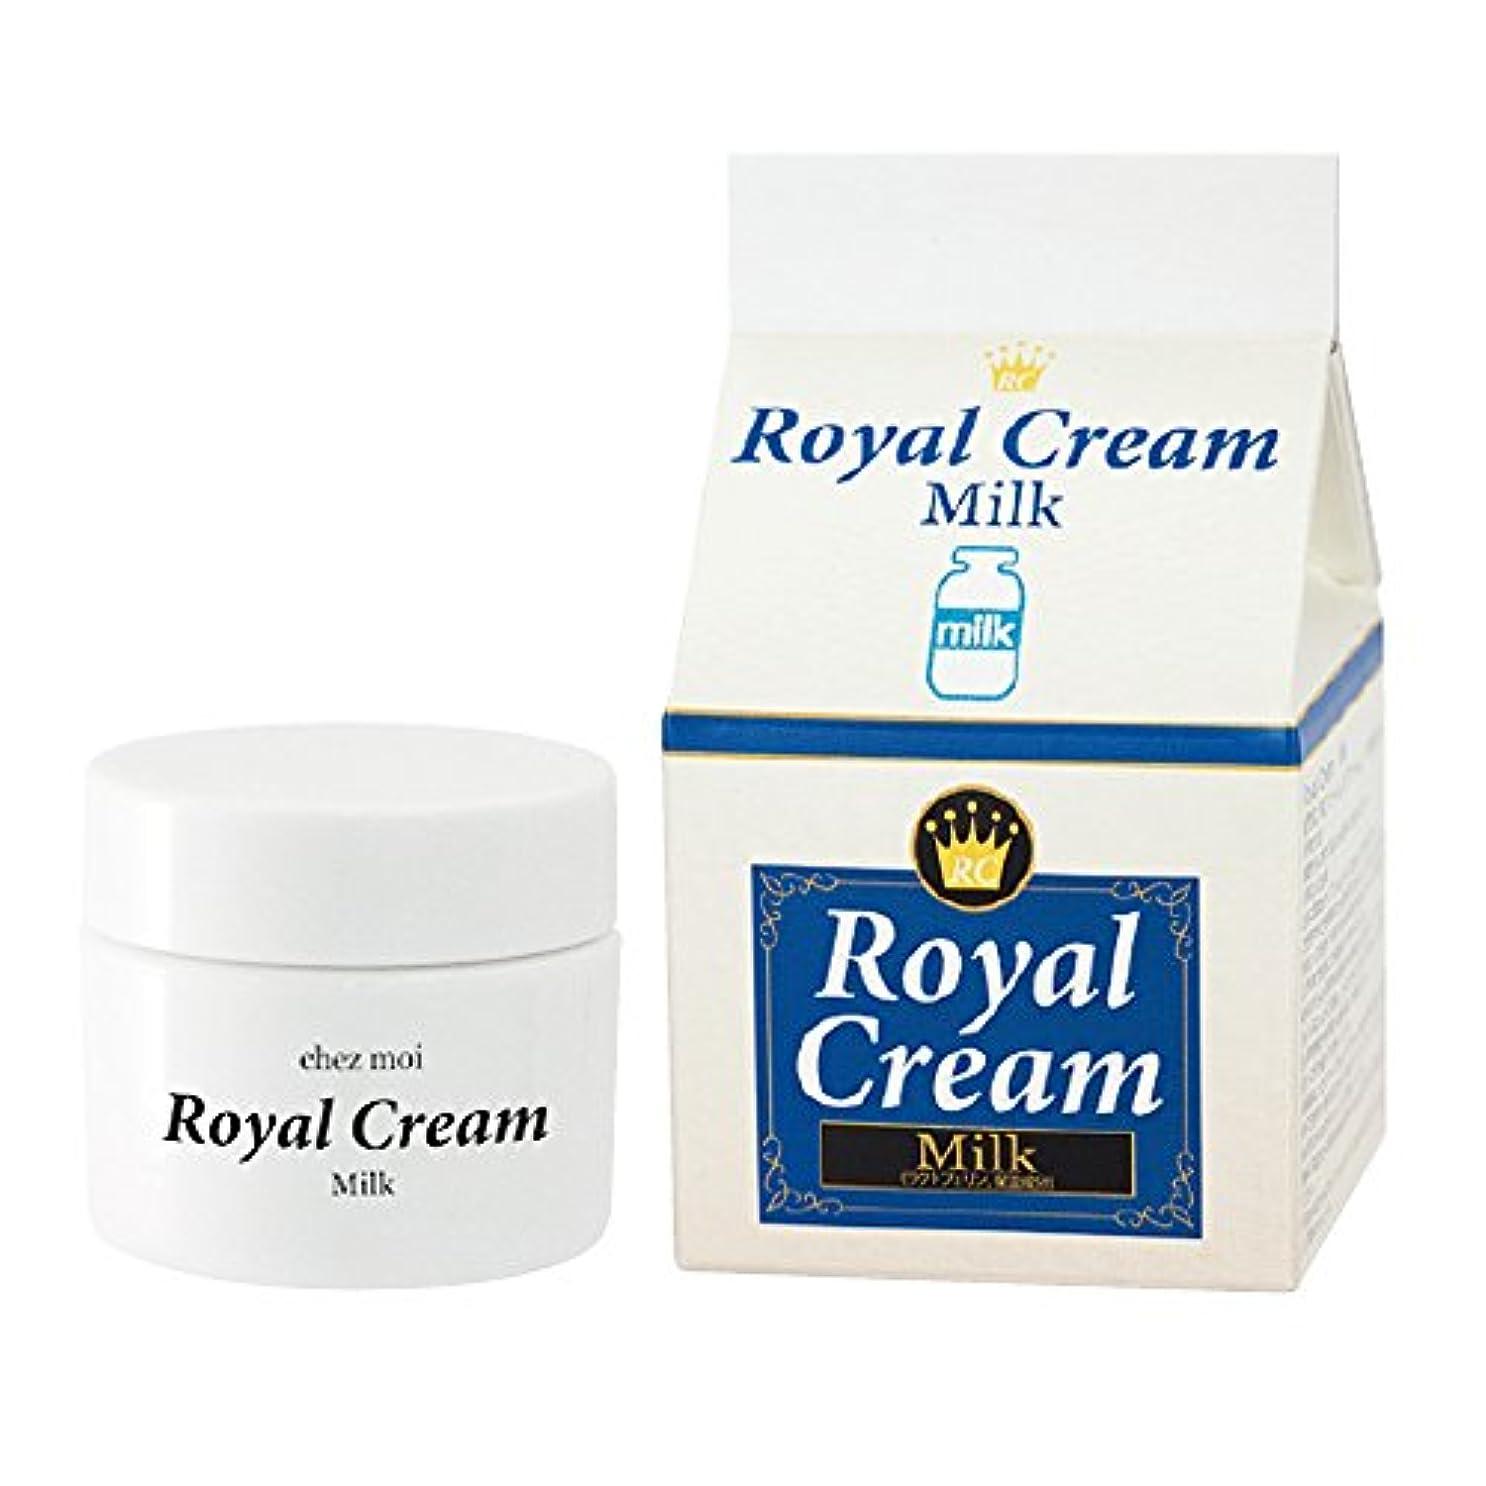 理解する合意目に見えるシェモア Royal Cream(ロイヤルクリーム) Milk(ミルク) 30g